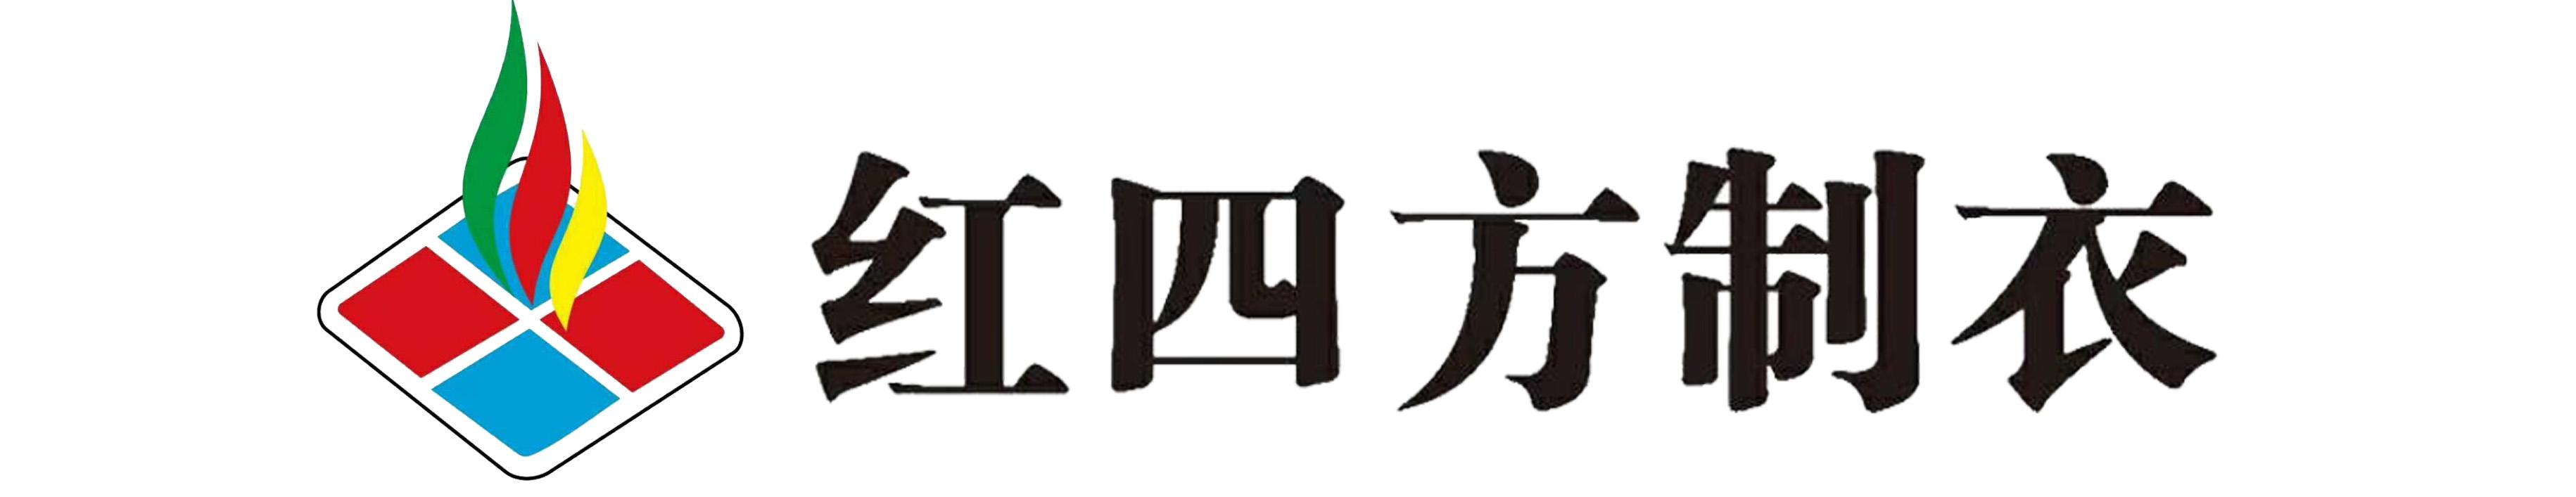 古蔺金剪刀服饰有限公司